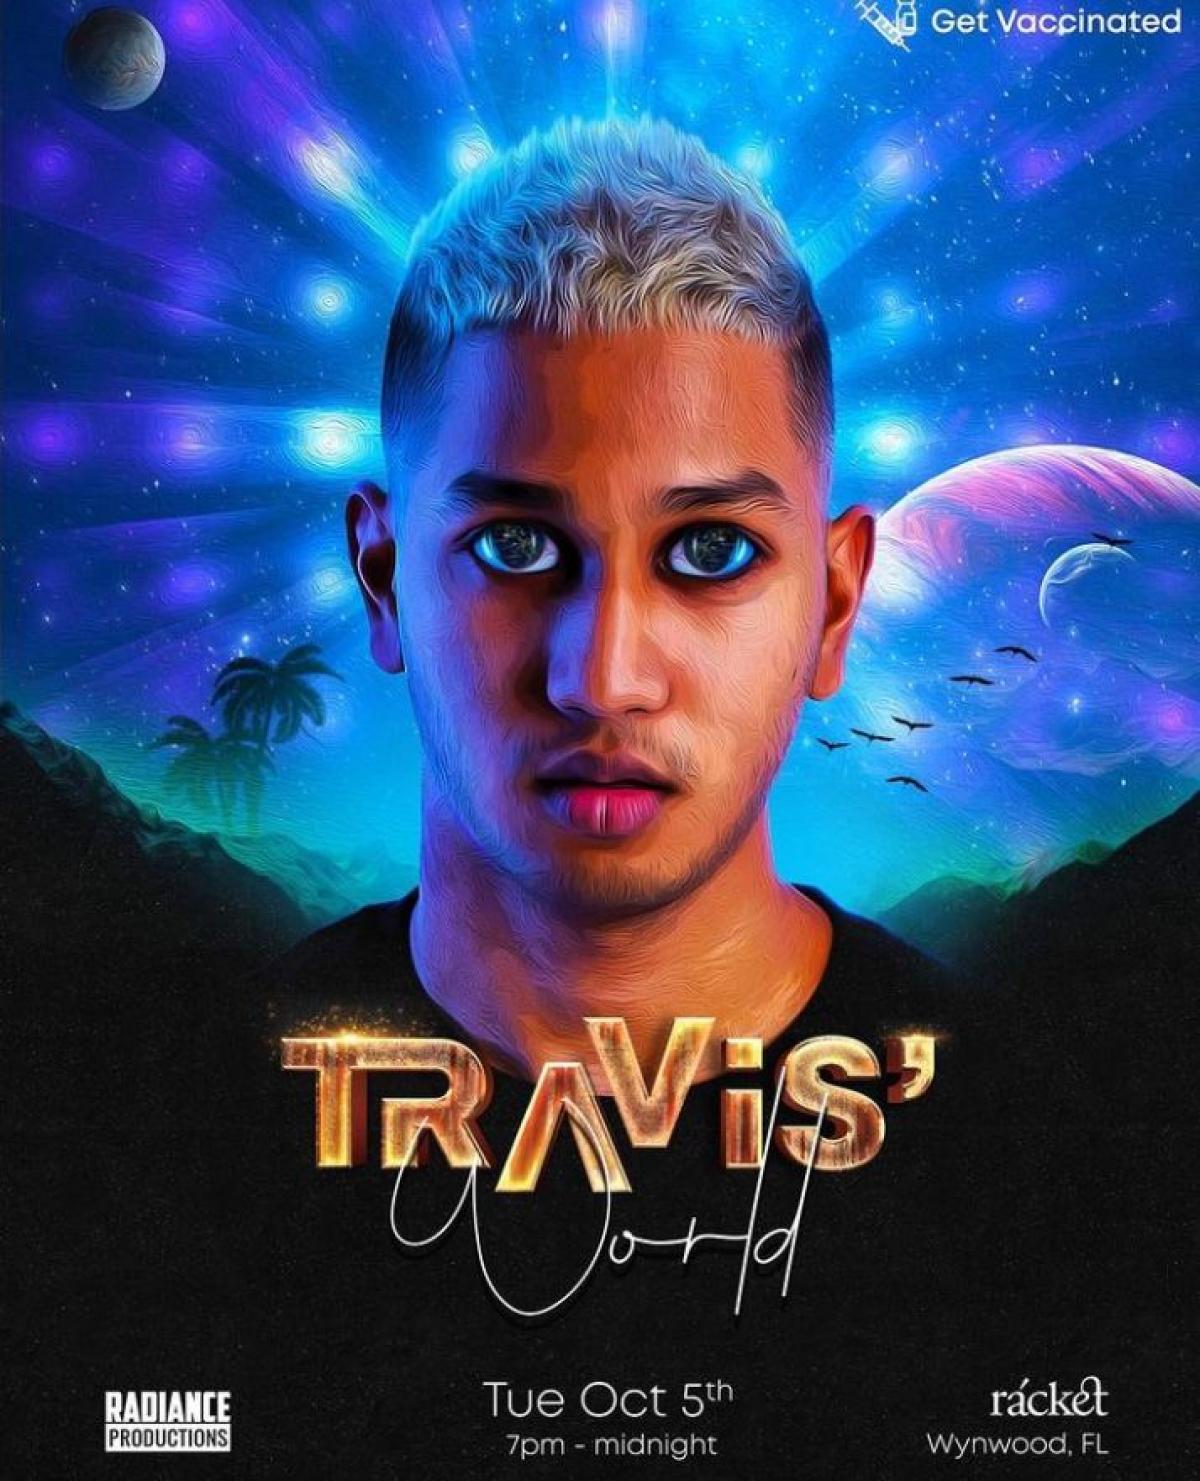 Travis' World flyer or graphic.